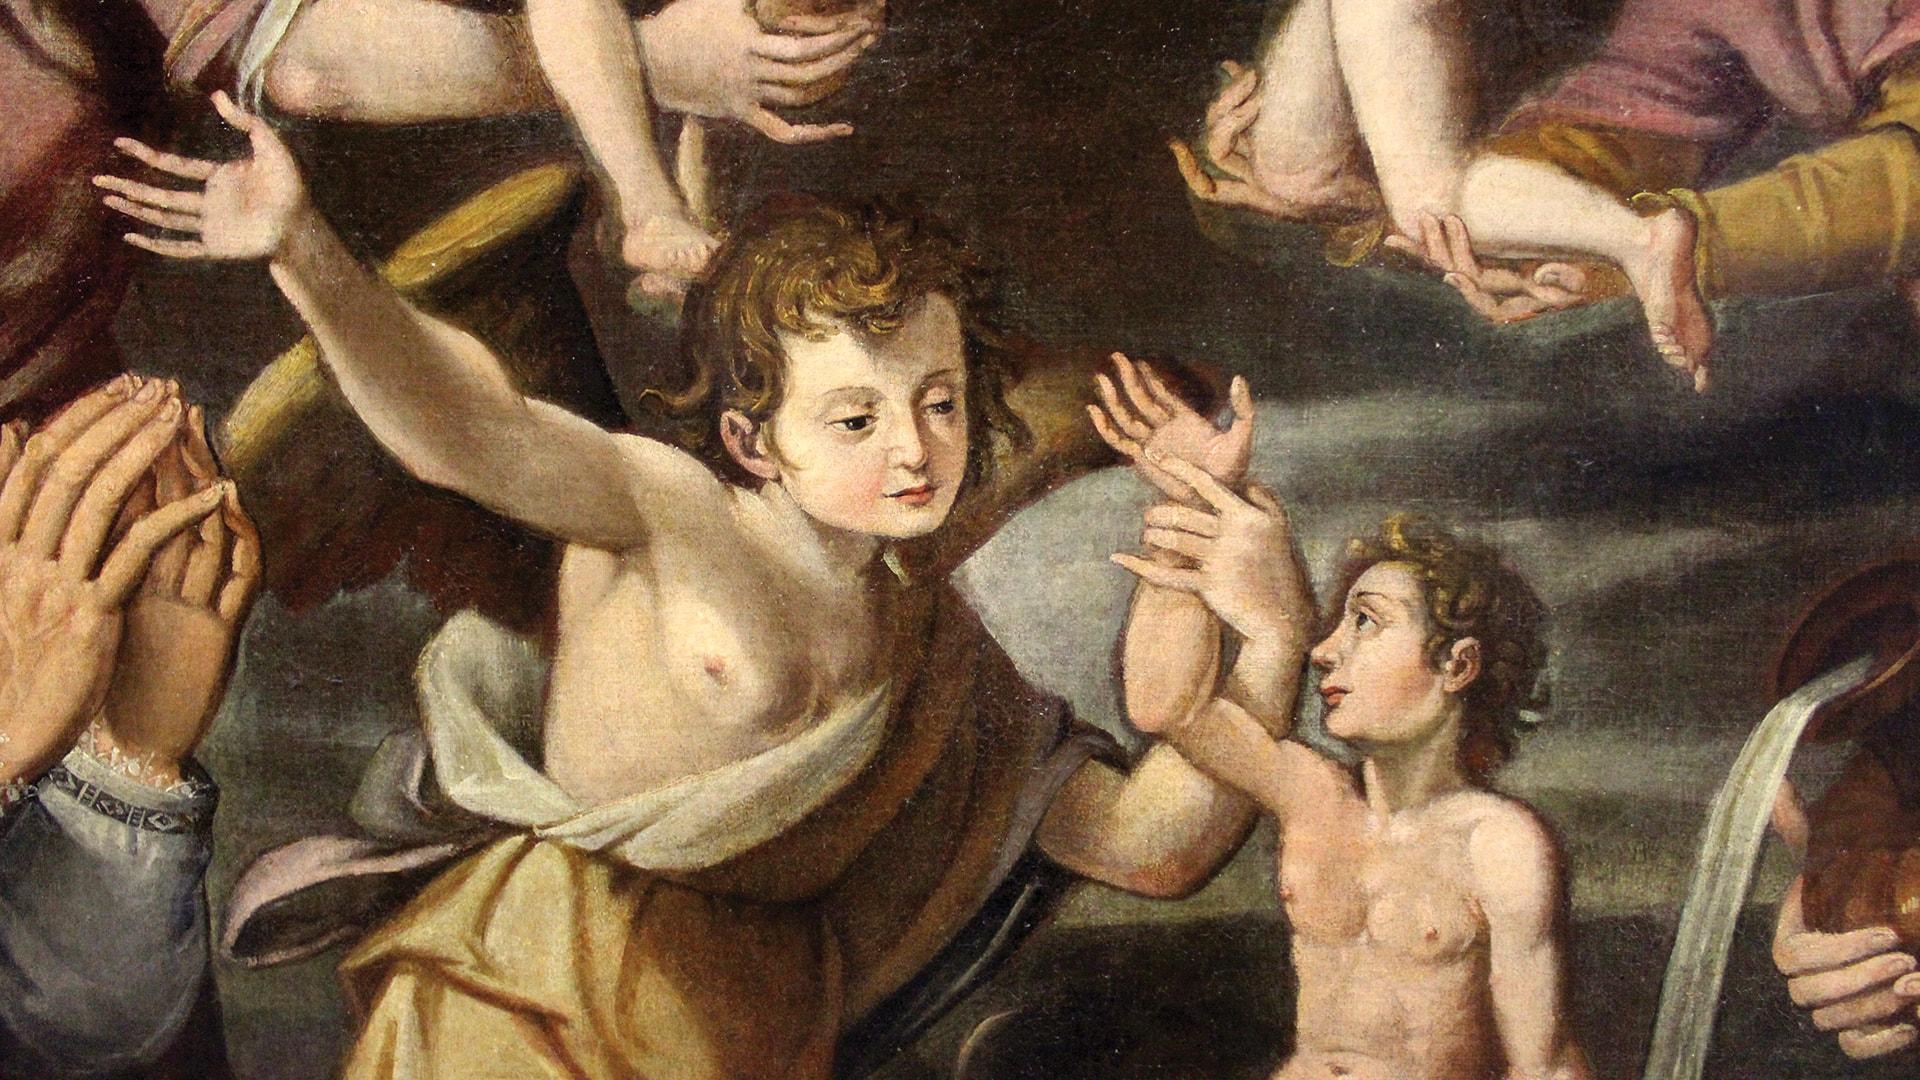 chiesa-santa-maria-suffragio-anime-sante-laquila-abruzzo-immagine-restauro-organo-4